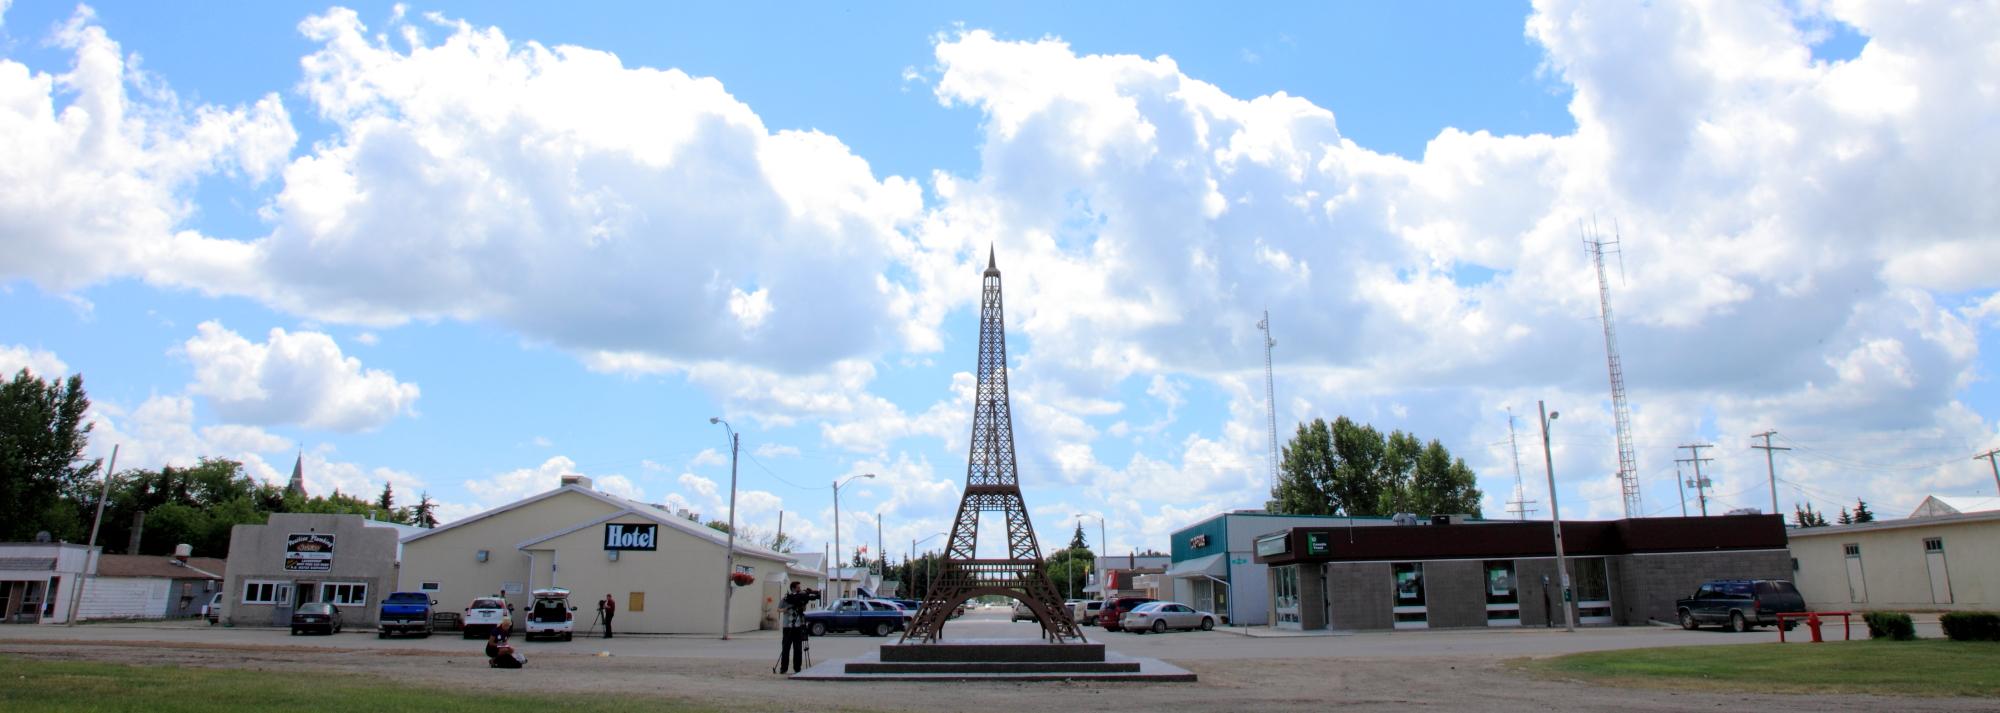 Town of Montmartre